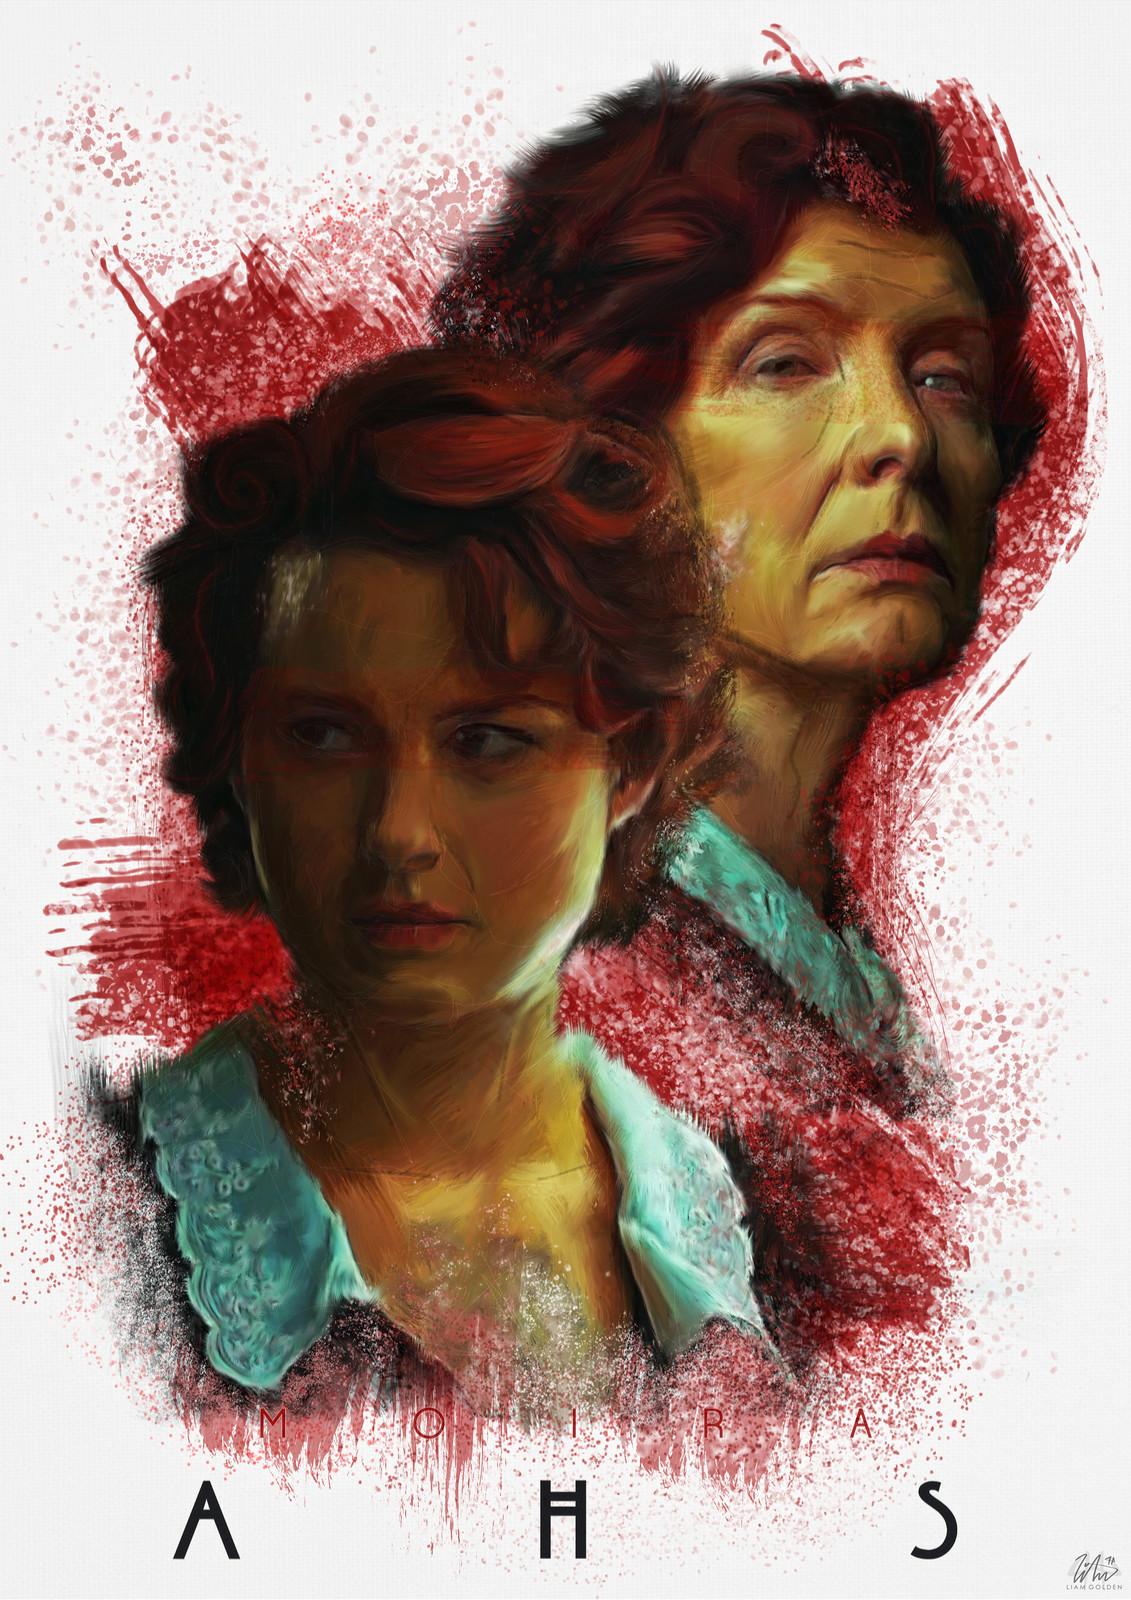 American Horror Story - Moira